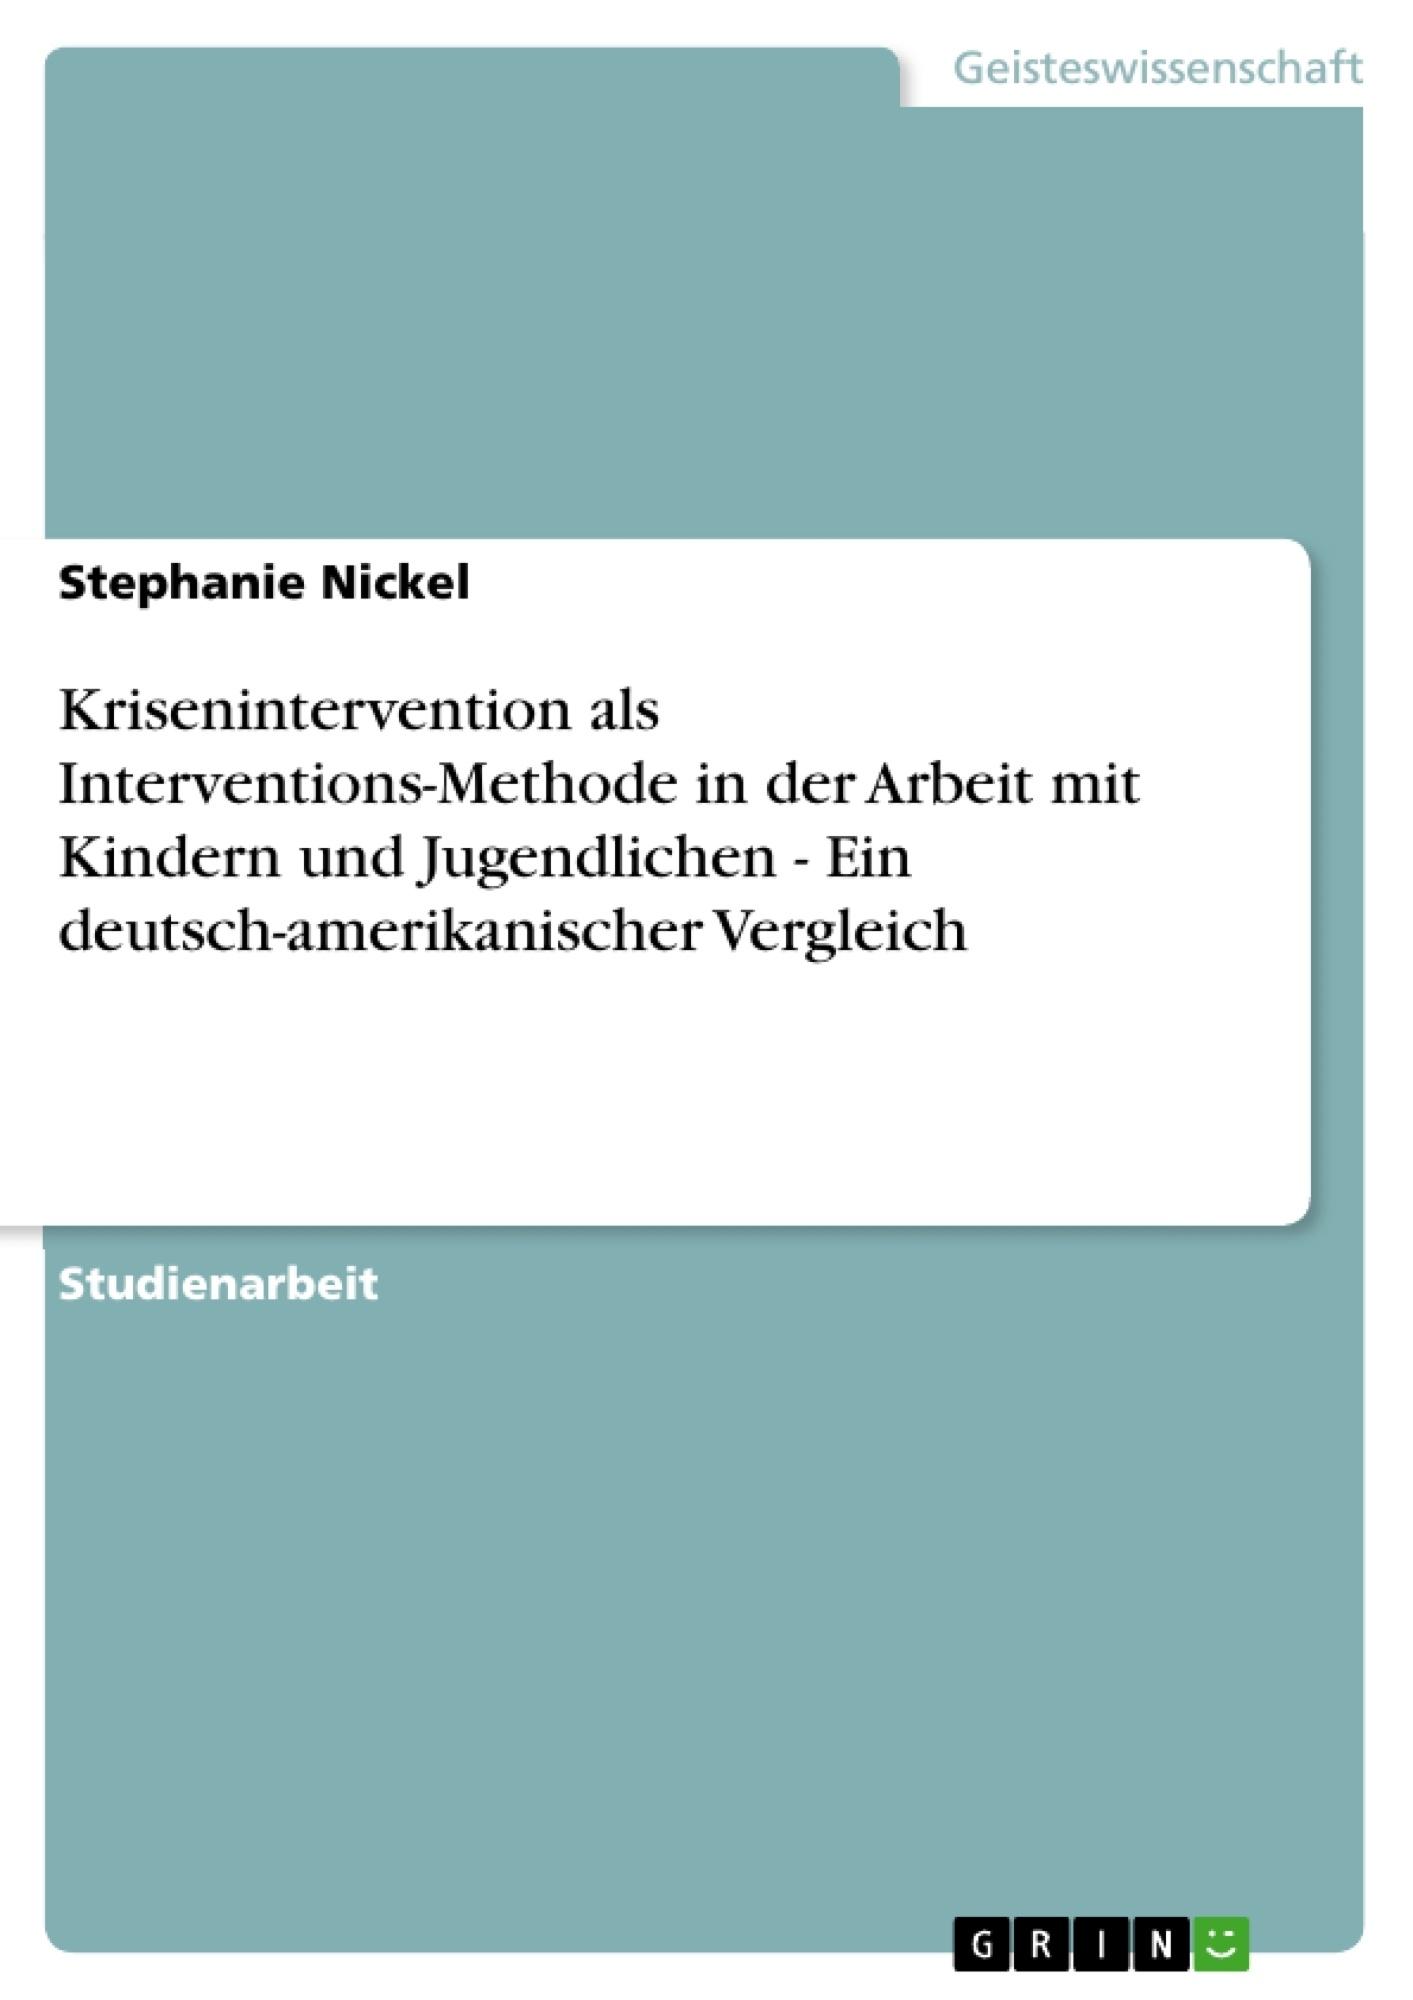 Titel: Krisenintervention als Interventions-Methode in der Arbeit mit Kindern und Jugendlichen - Ein deutsch-amerikanischer Vergleich